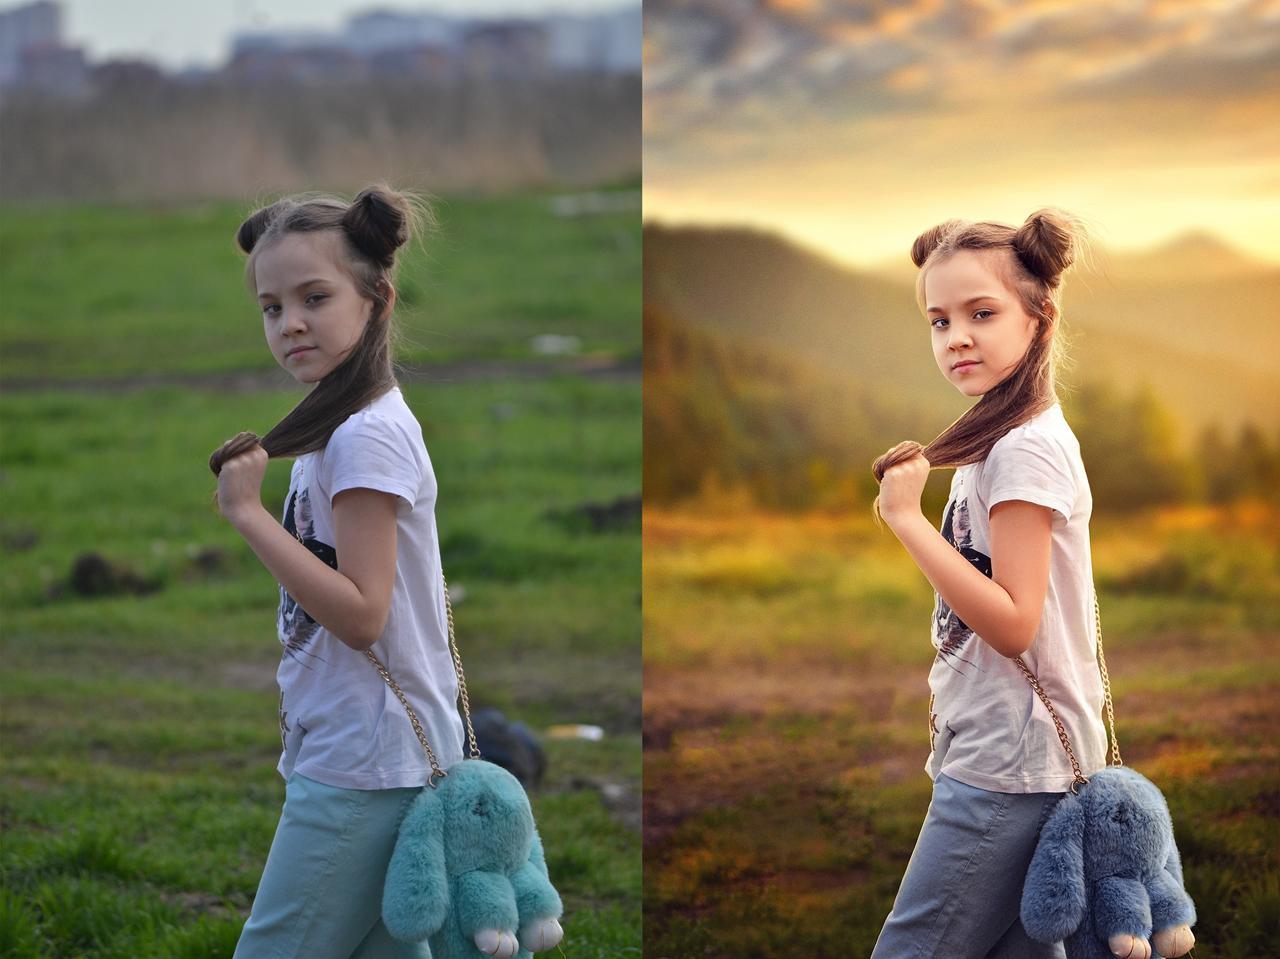 мульт эффект для фото приложение автоматически начнёт двигаться